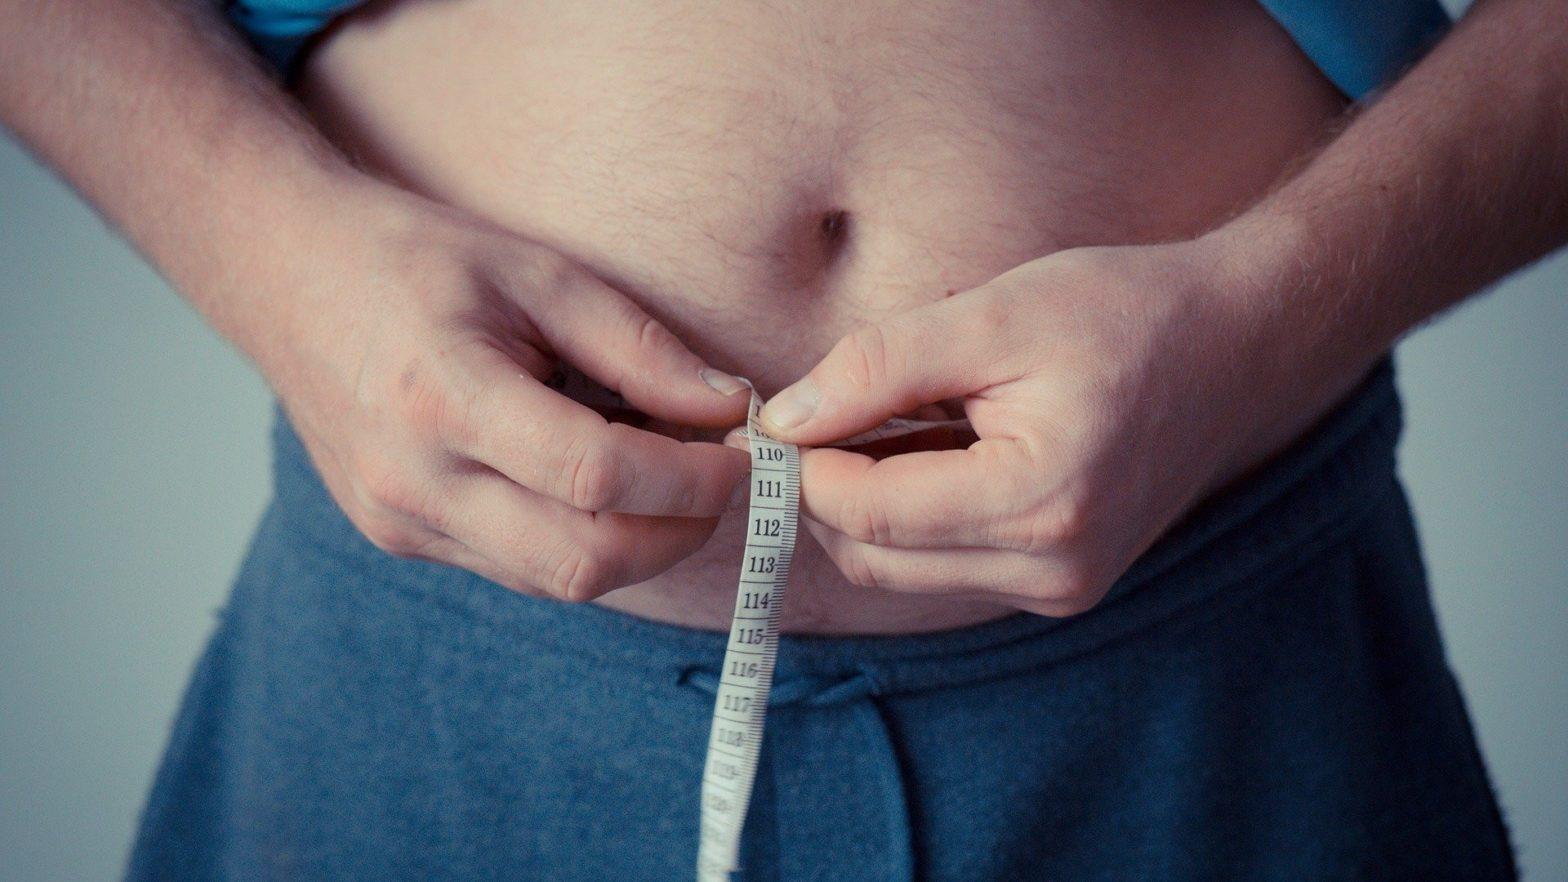 Homem medindo a circunferência abdominal